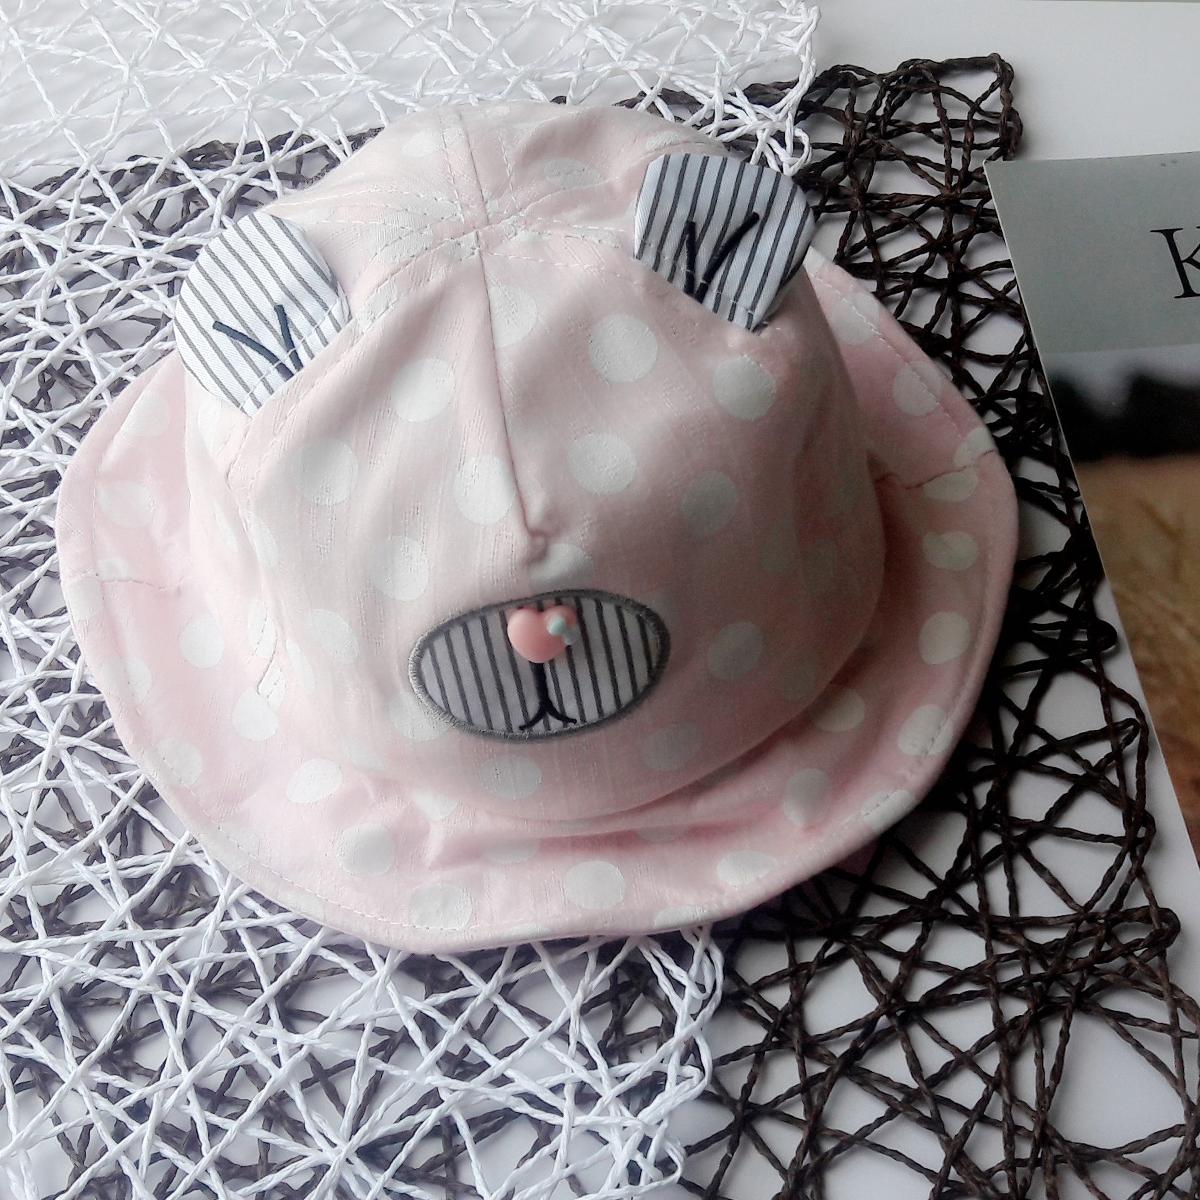 Mũ vành tròn chấm bi bé gái (1-3T)